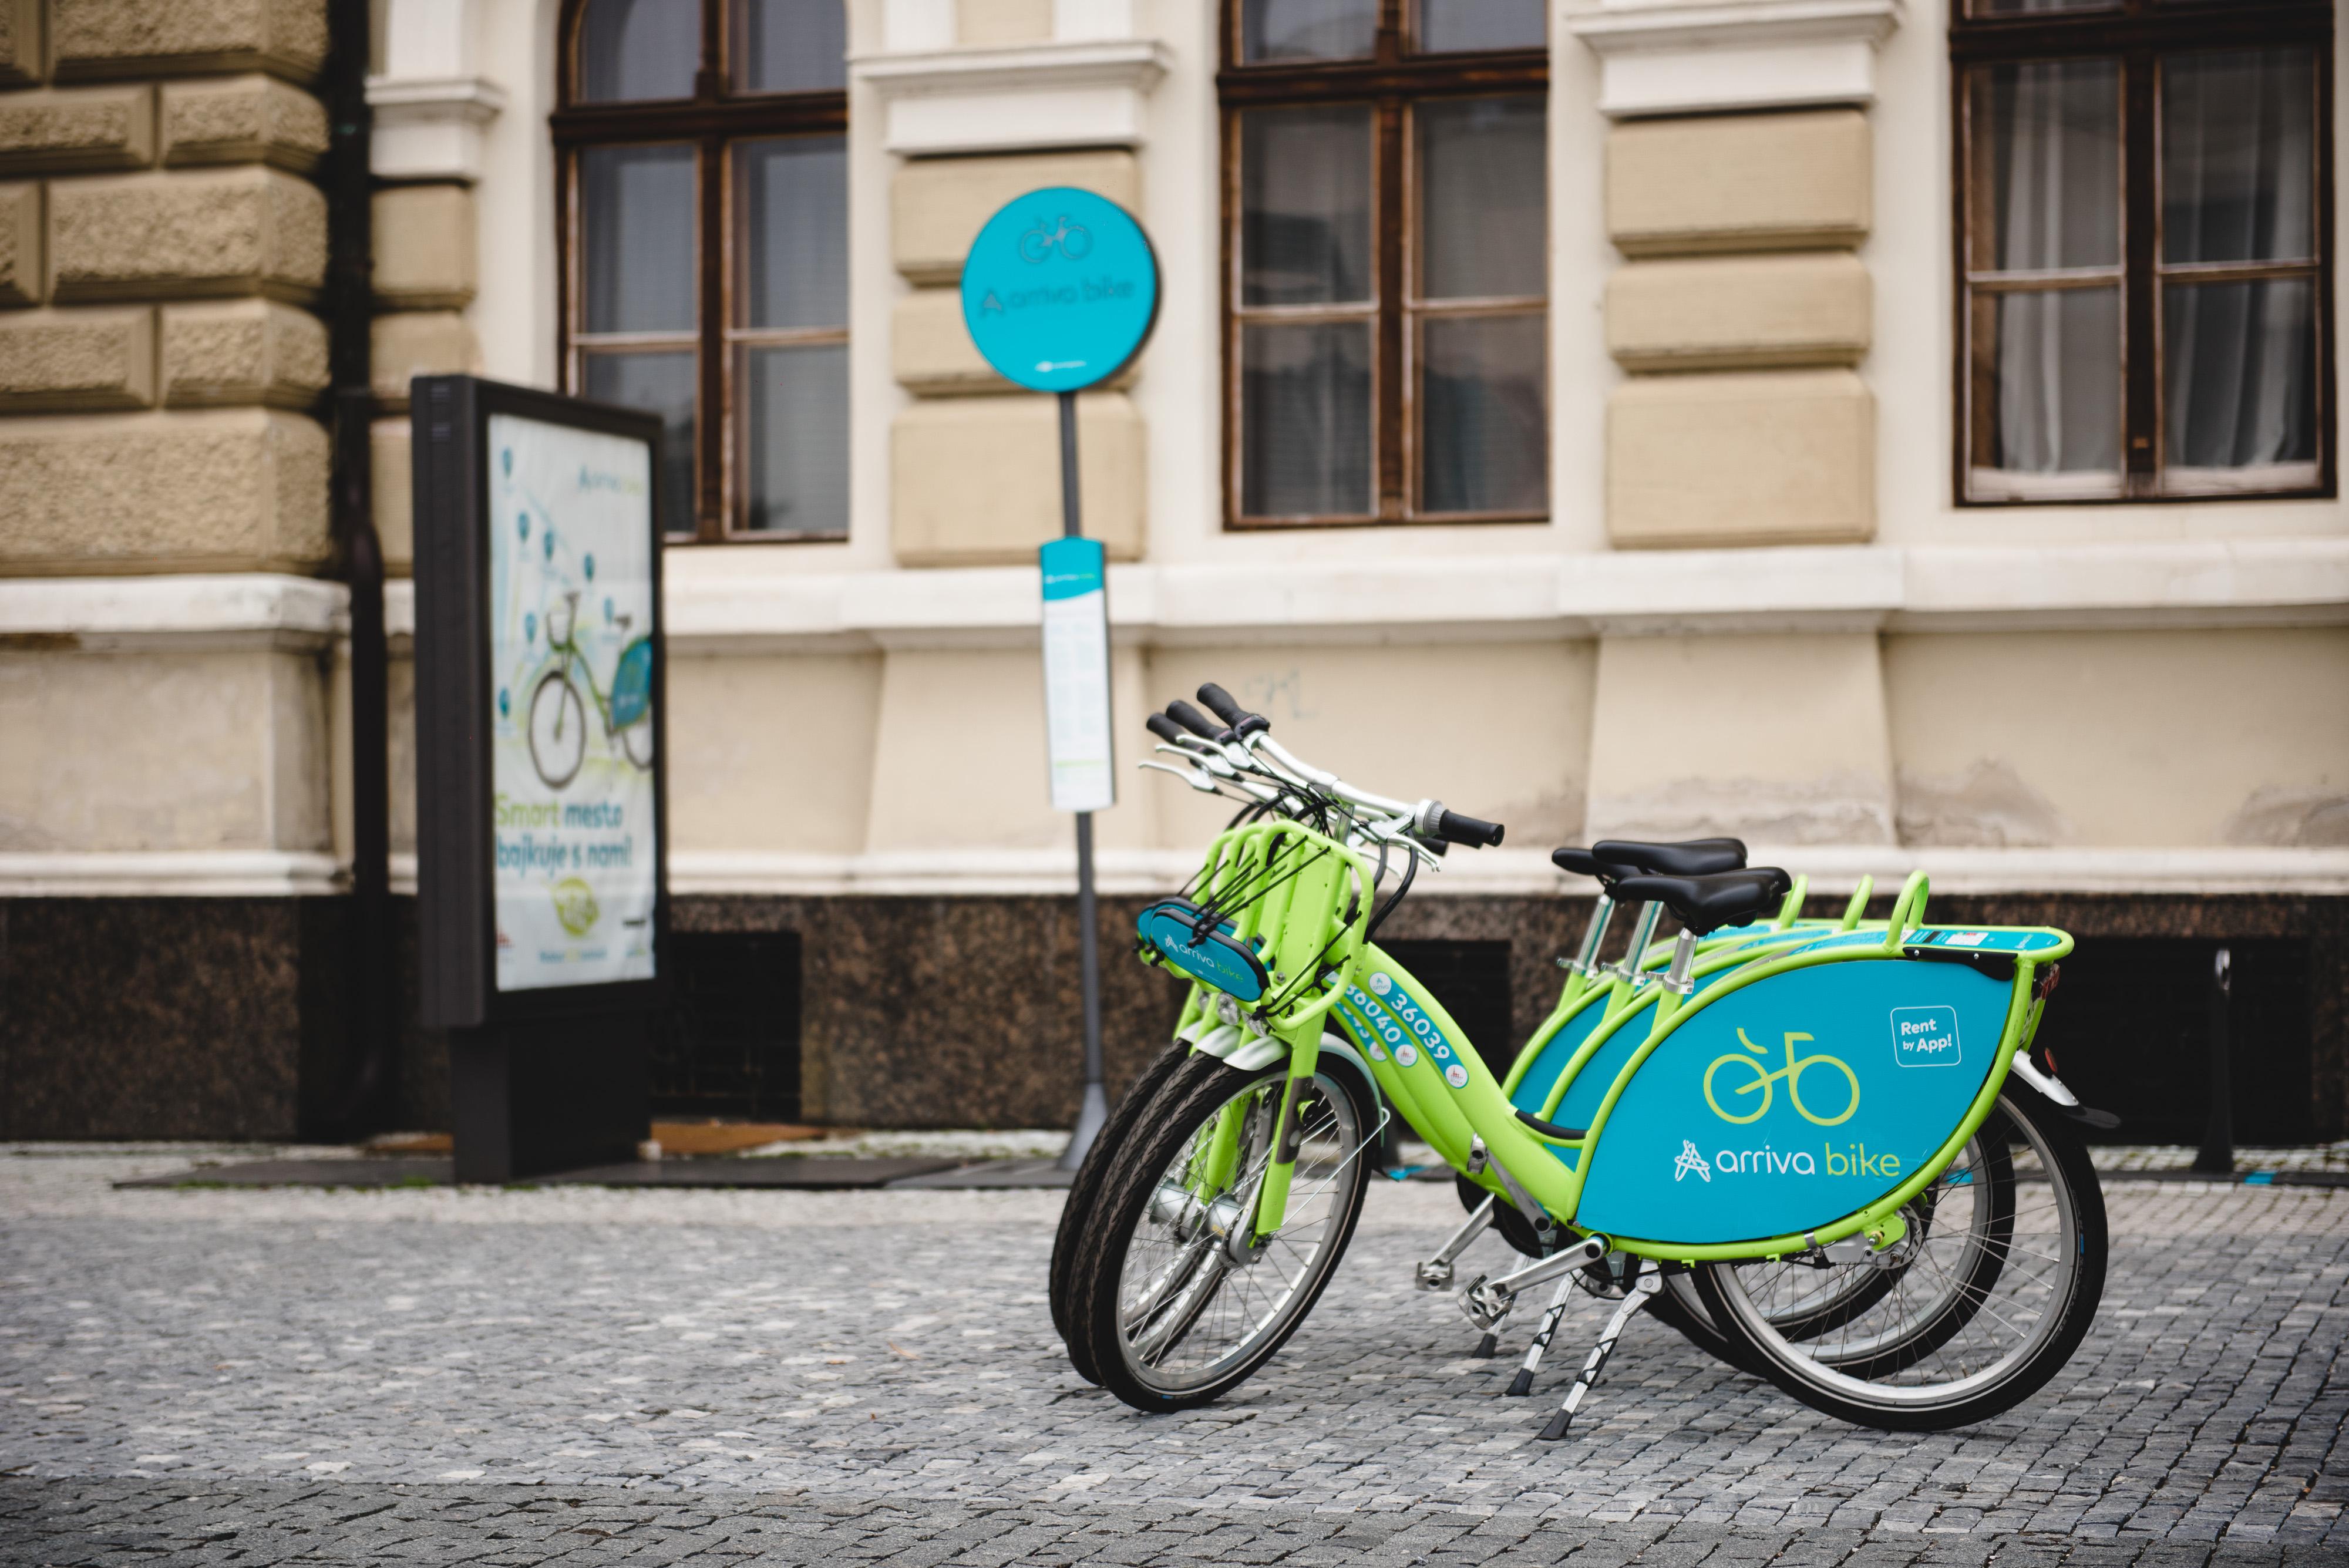 Zdieľané bicykle arriva bike môžu Nitrania - Kam v meste  2c66eea7fa8